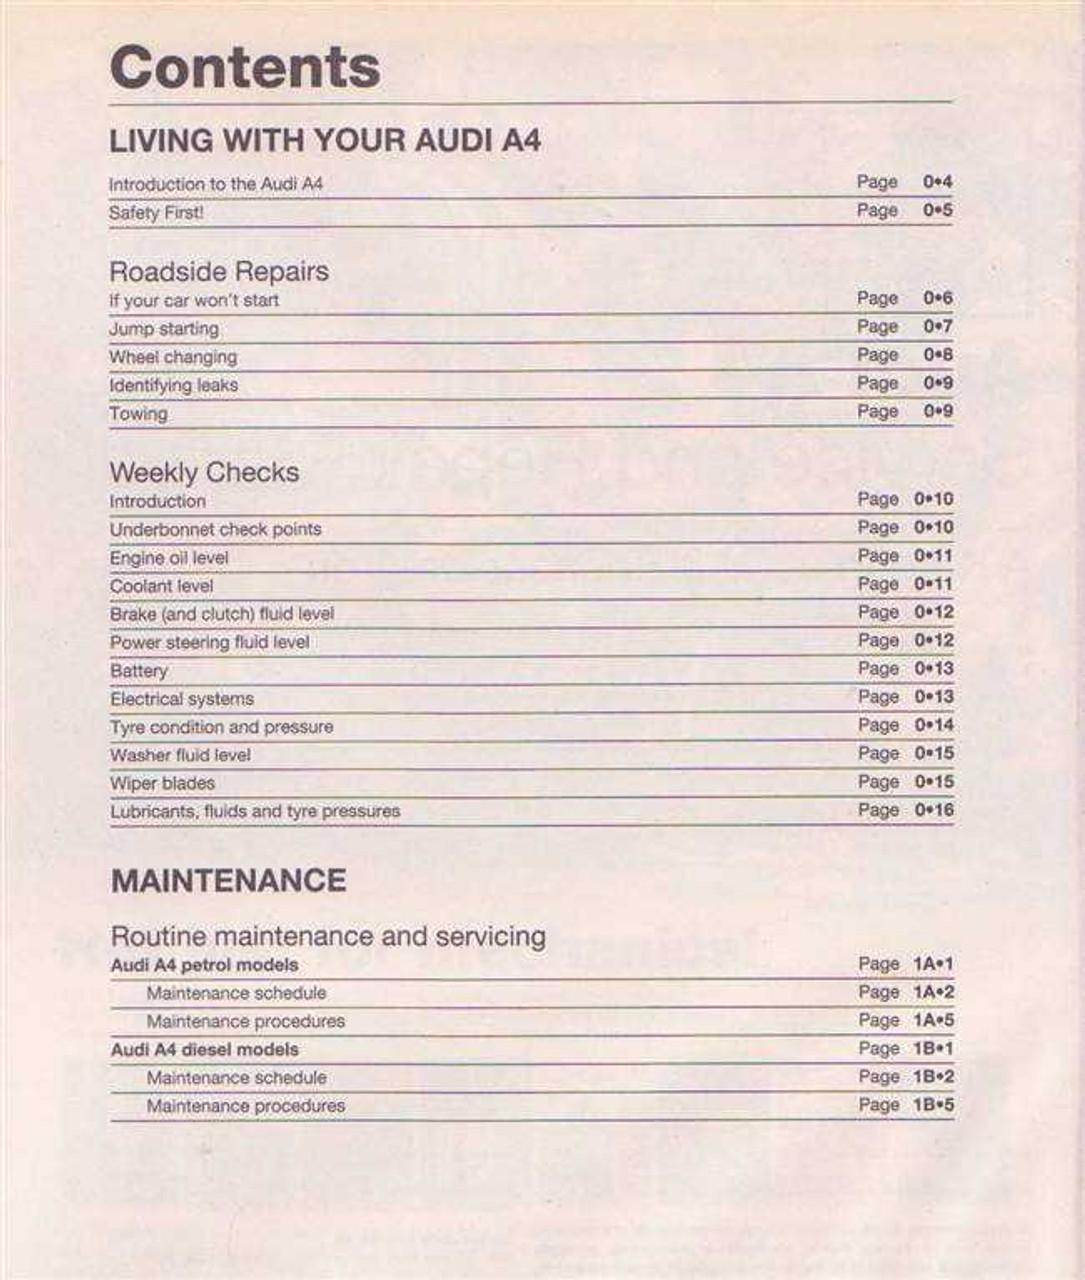 AUDI A Workshop Manual - Audi a4 maintenance schedule